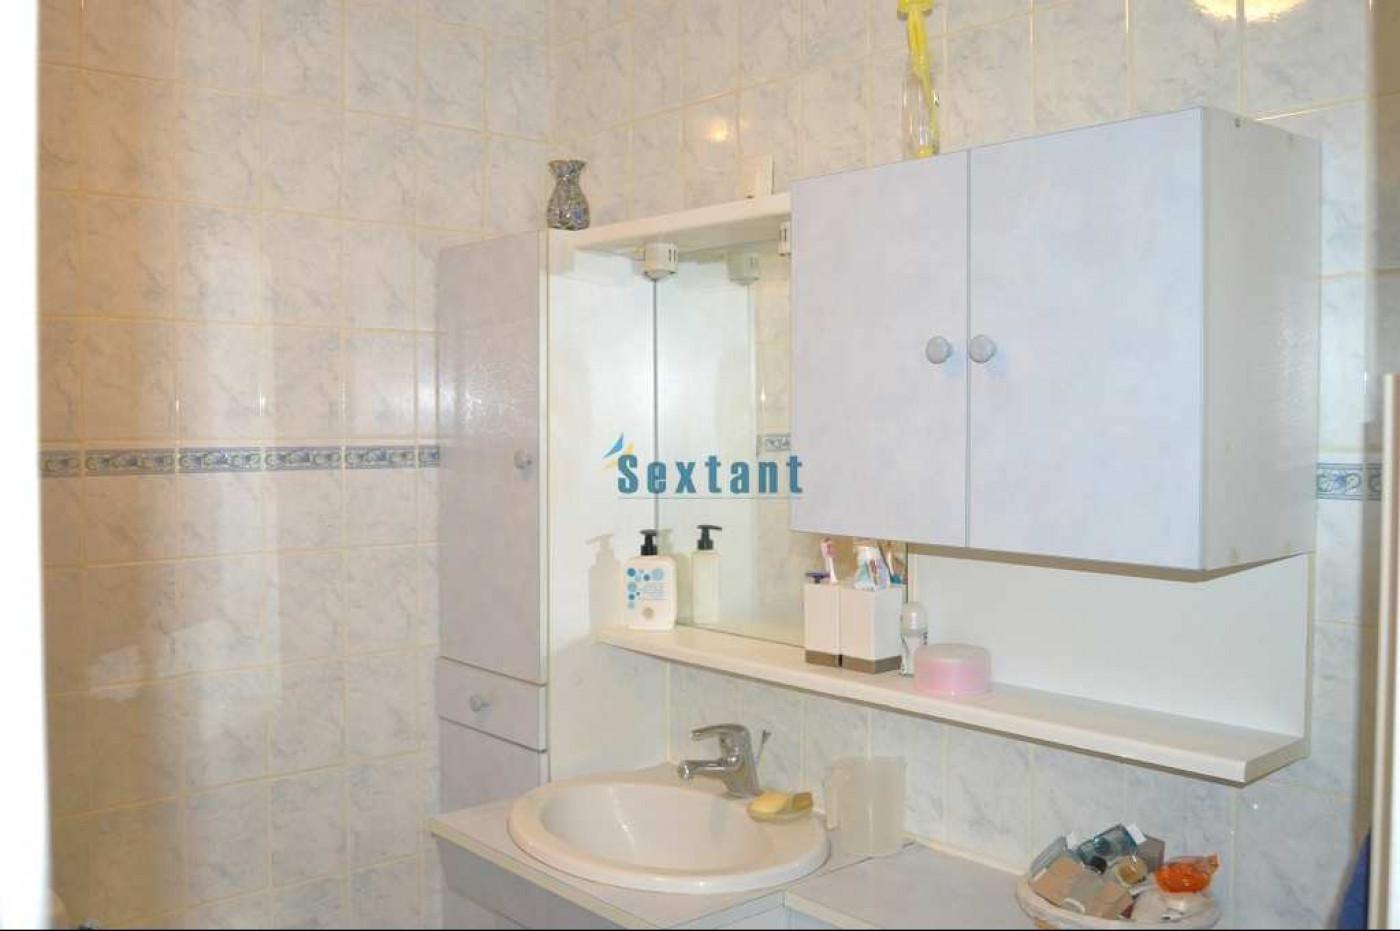 A vendre  Vimoutiers | Réf 7501131845 - Sextant france